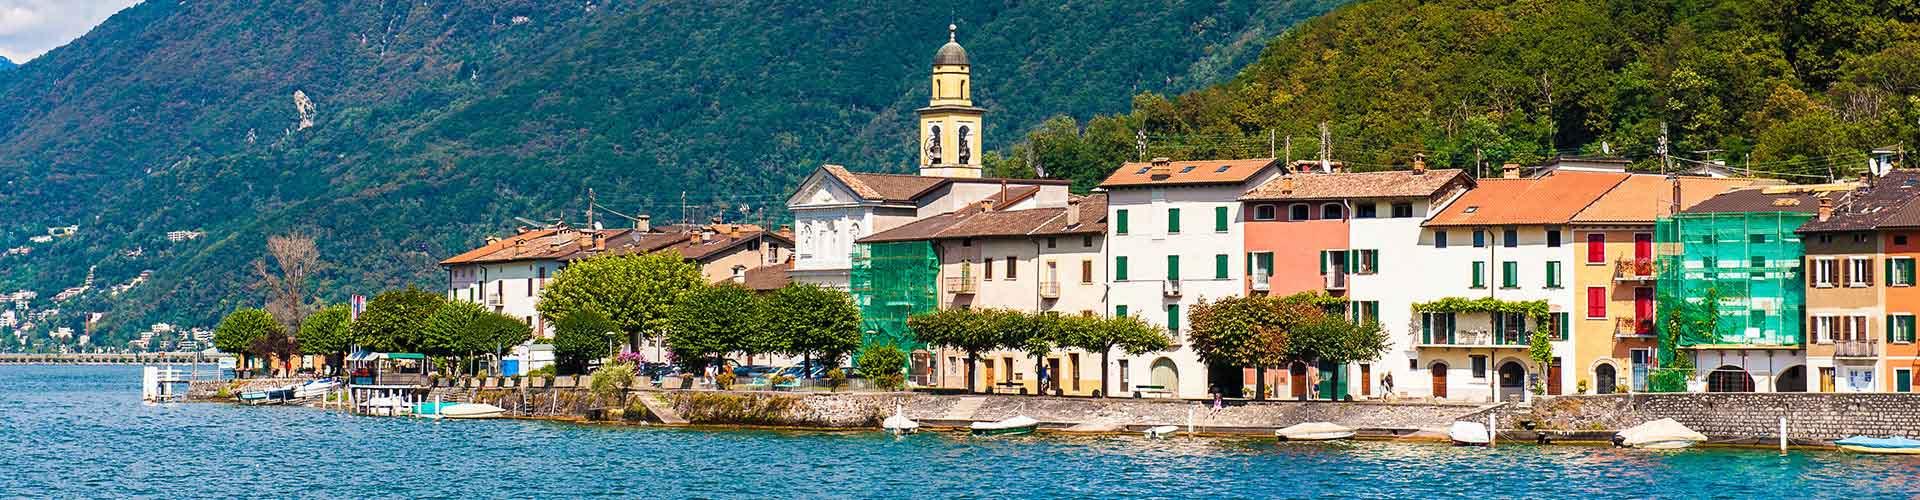 Lugano - Apartamentos en Lugano. Mapas de Lugano, Fotos y comentarios de cada Apartamento en Lugano.